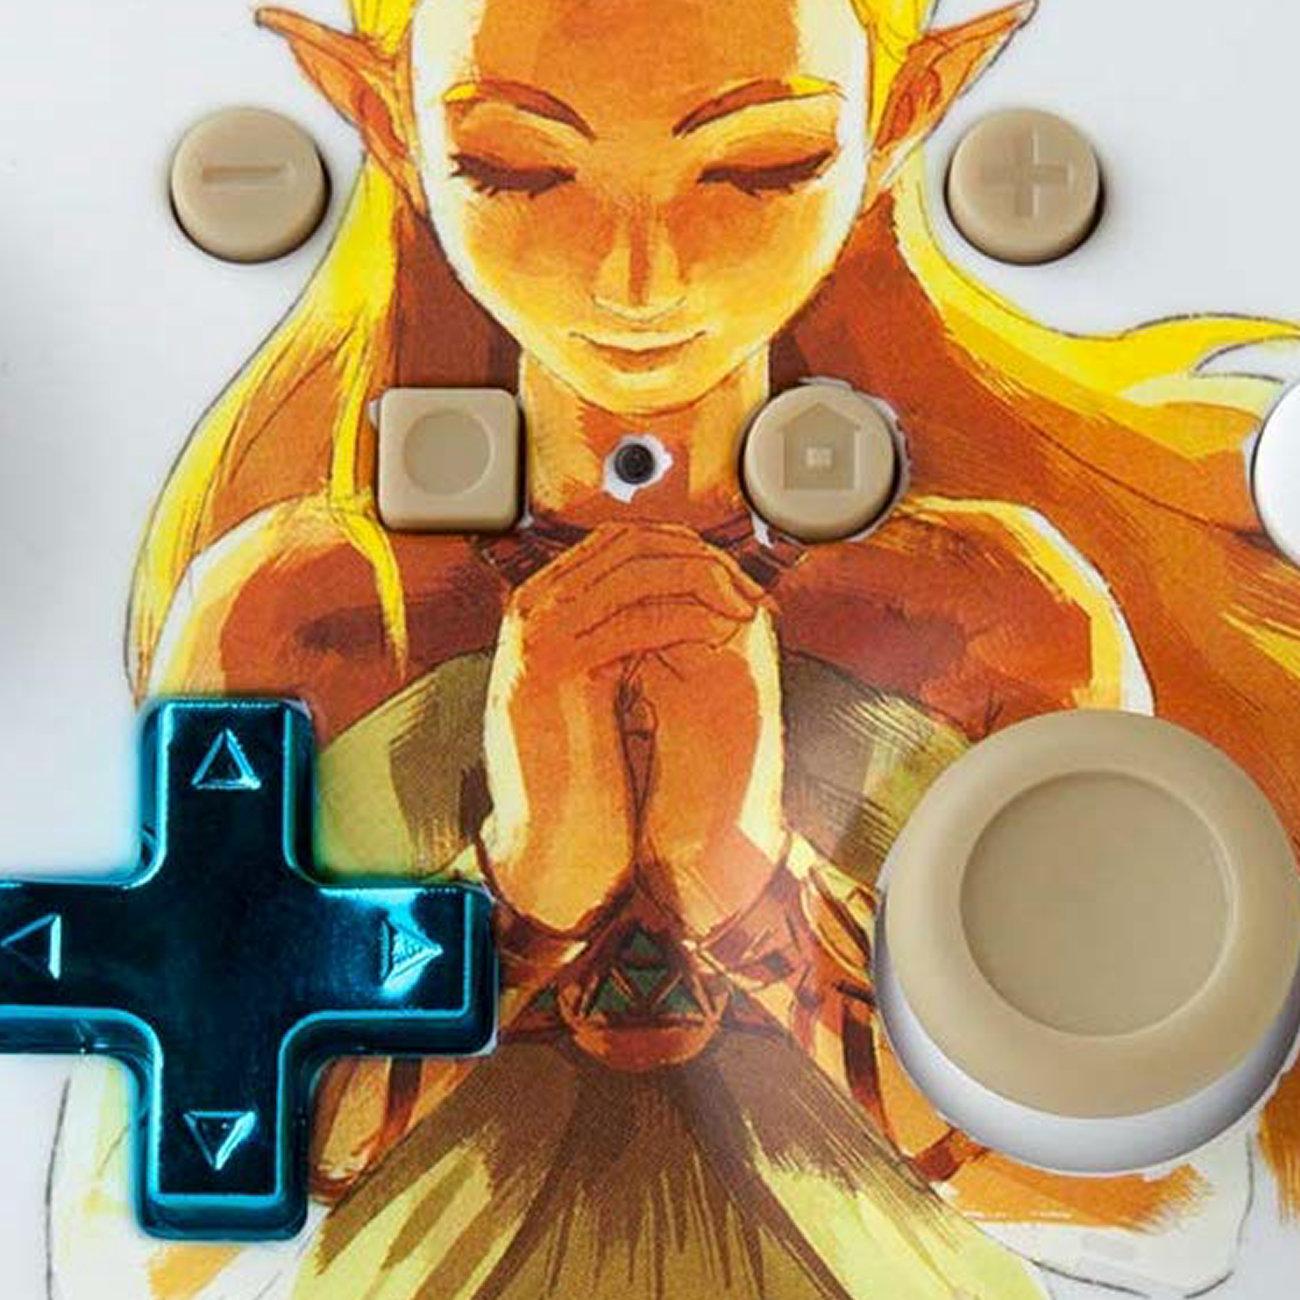 ゼルダの伝説 ブレス オブ ザ ワイルド、姫デザインのコントローラー